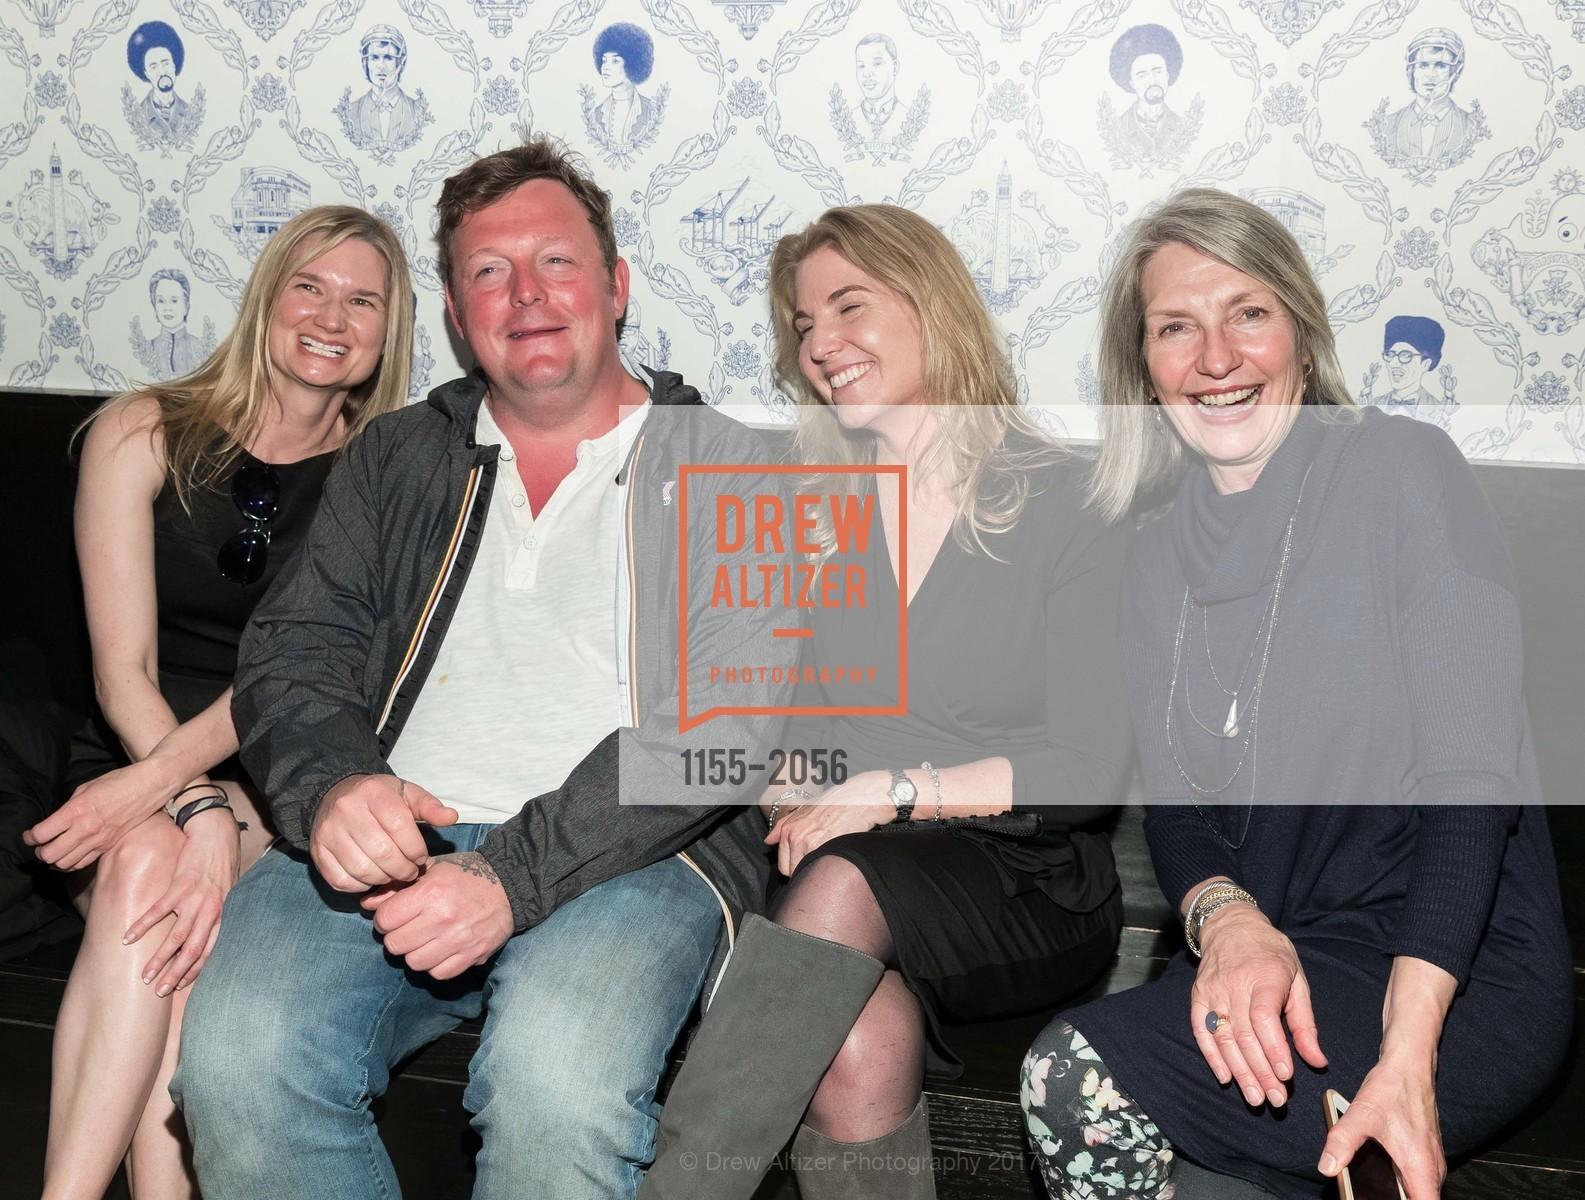 Tina Ferguson, Urs Fischer, Loretta Hillberry, Kathy Geissler Best, Photo #1155-2056